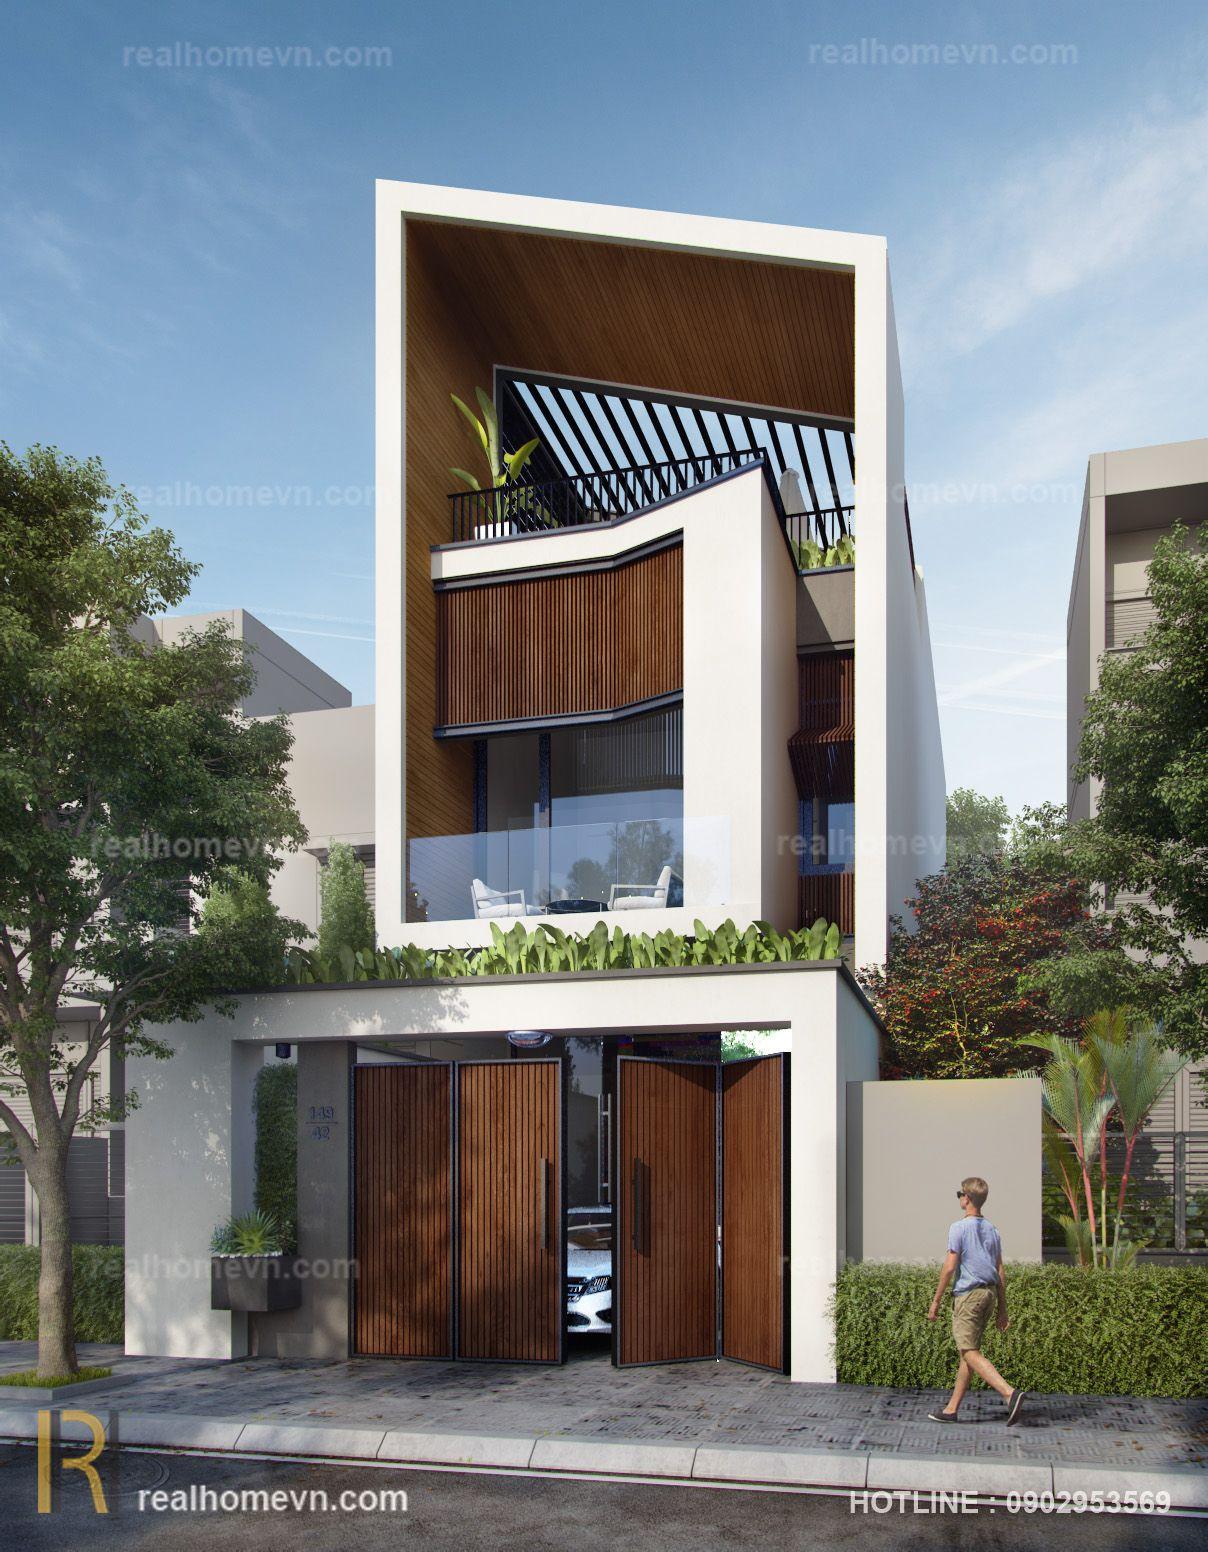 Pin von tranvananh auf exterior | Pinterest | Architektur, Fassaden ...